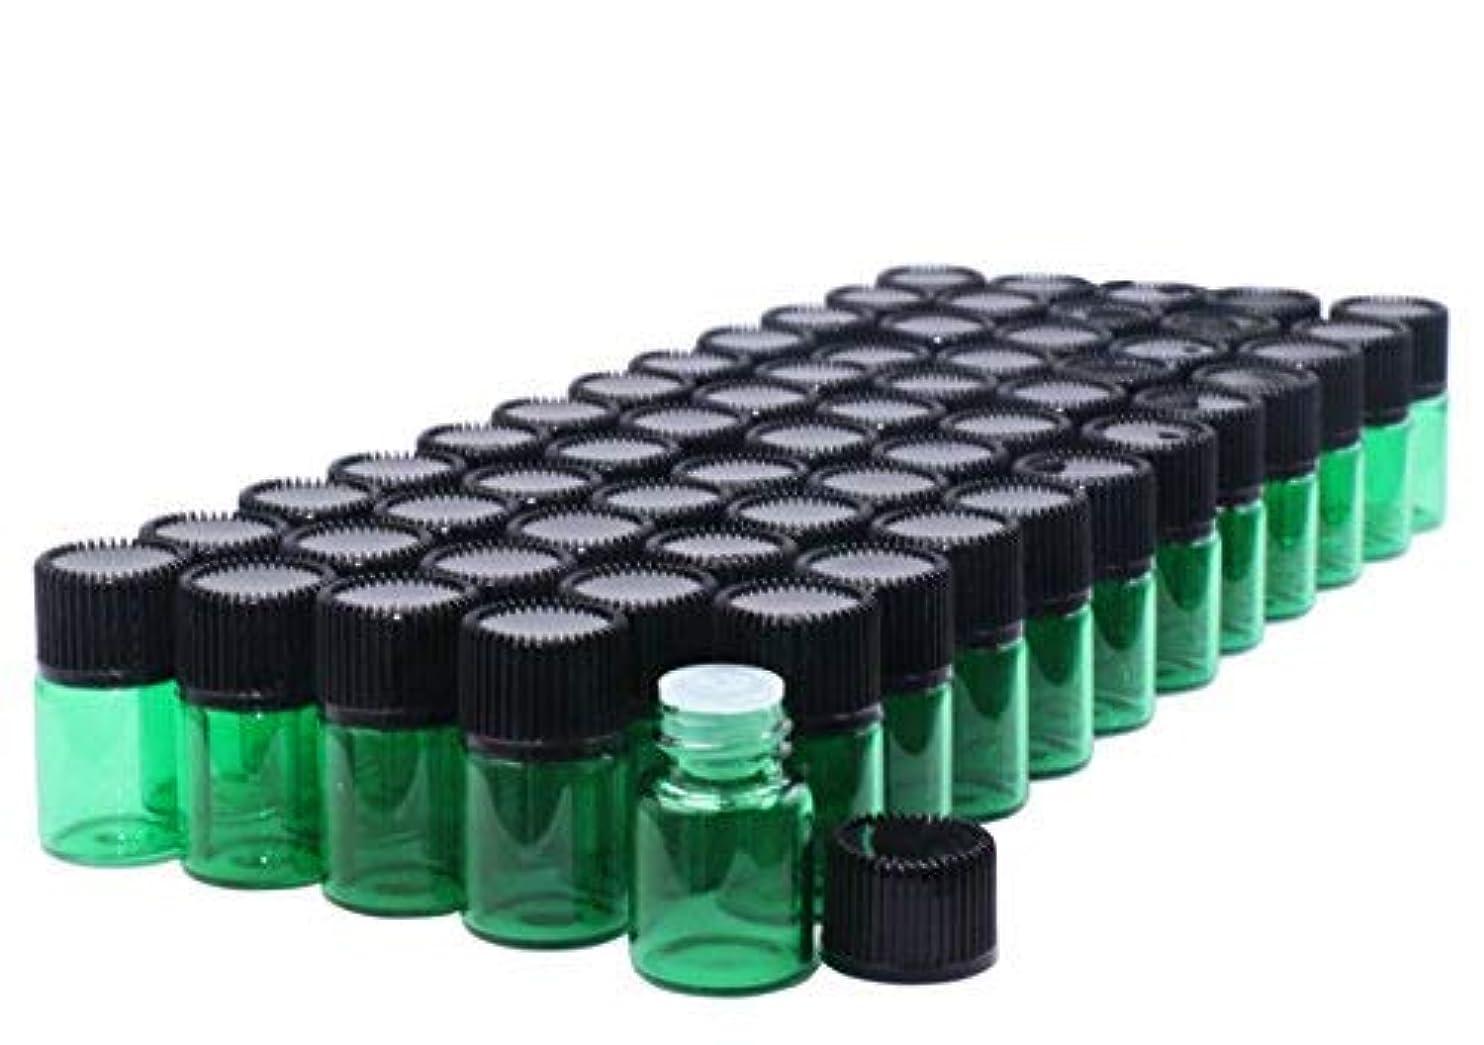 気になる岩かわすPack of 60,2 ml (5/8 Dram) Green Glass Sample Vials Empty Small glass essential oil sampling Test Bottles with...